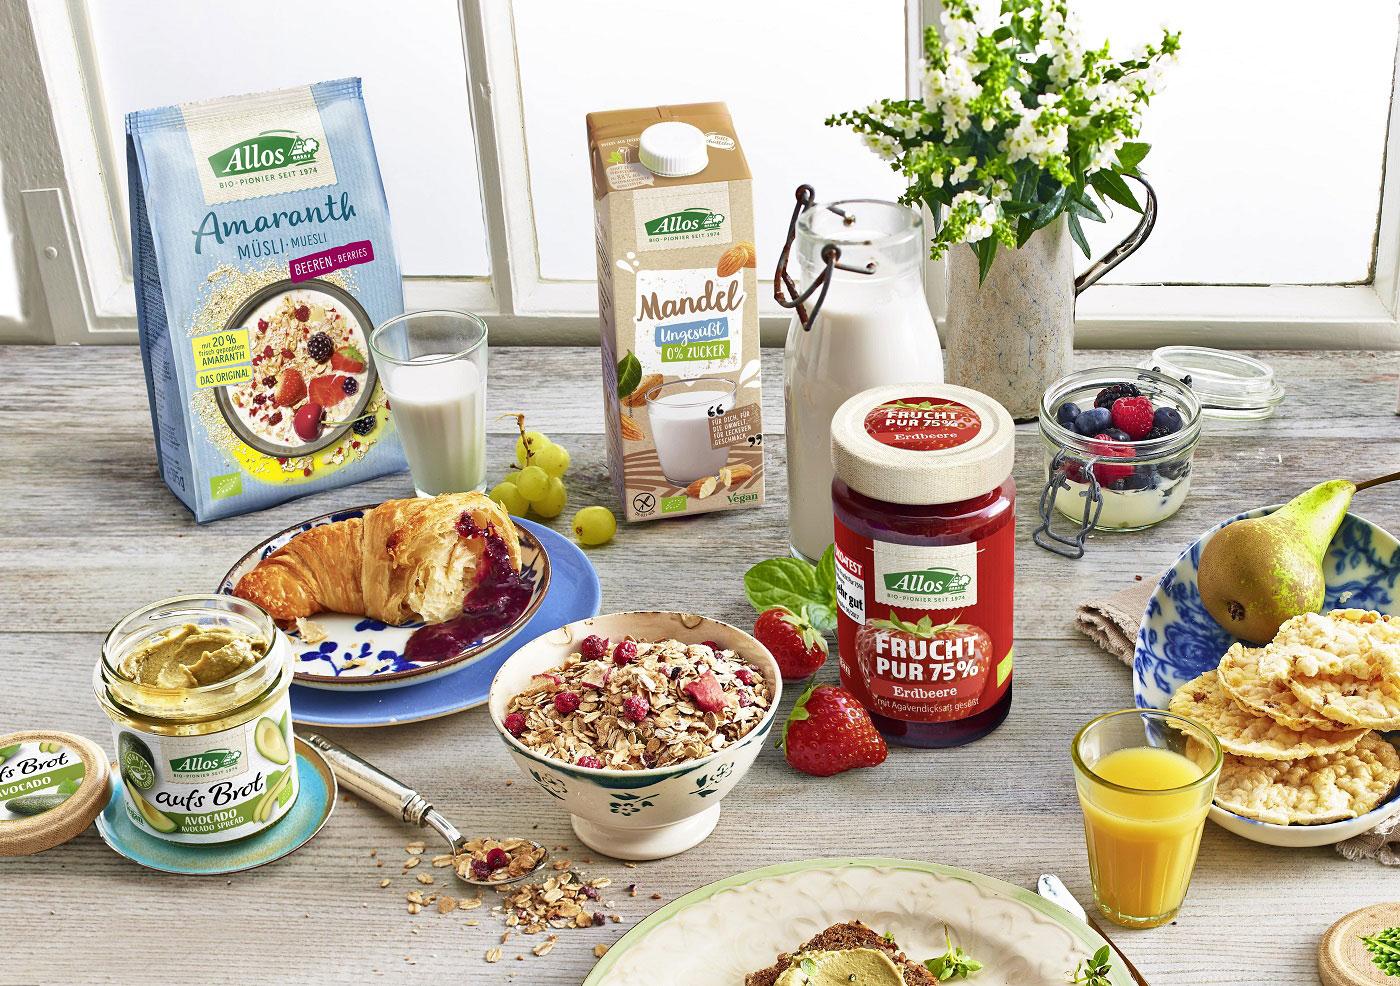 Frühstücksprodukte in Bioqualität von Allos.